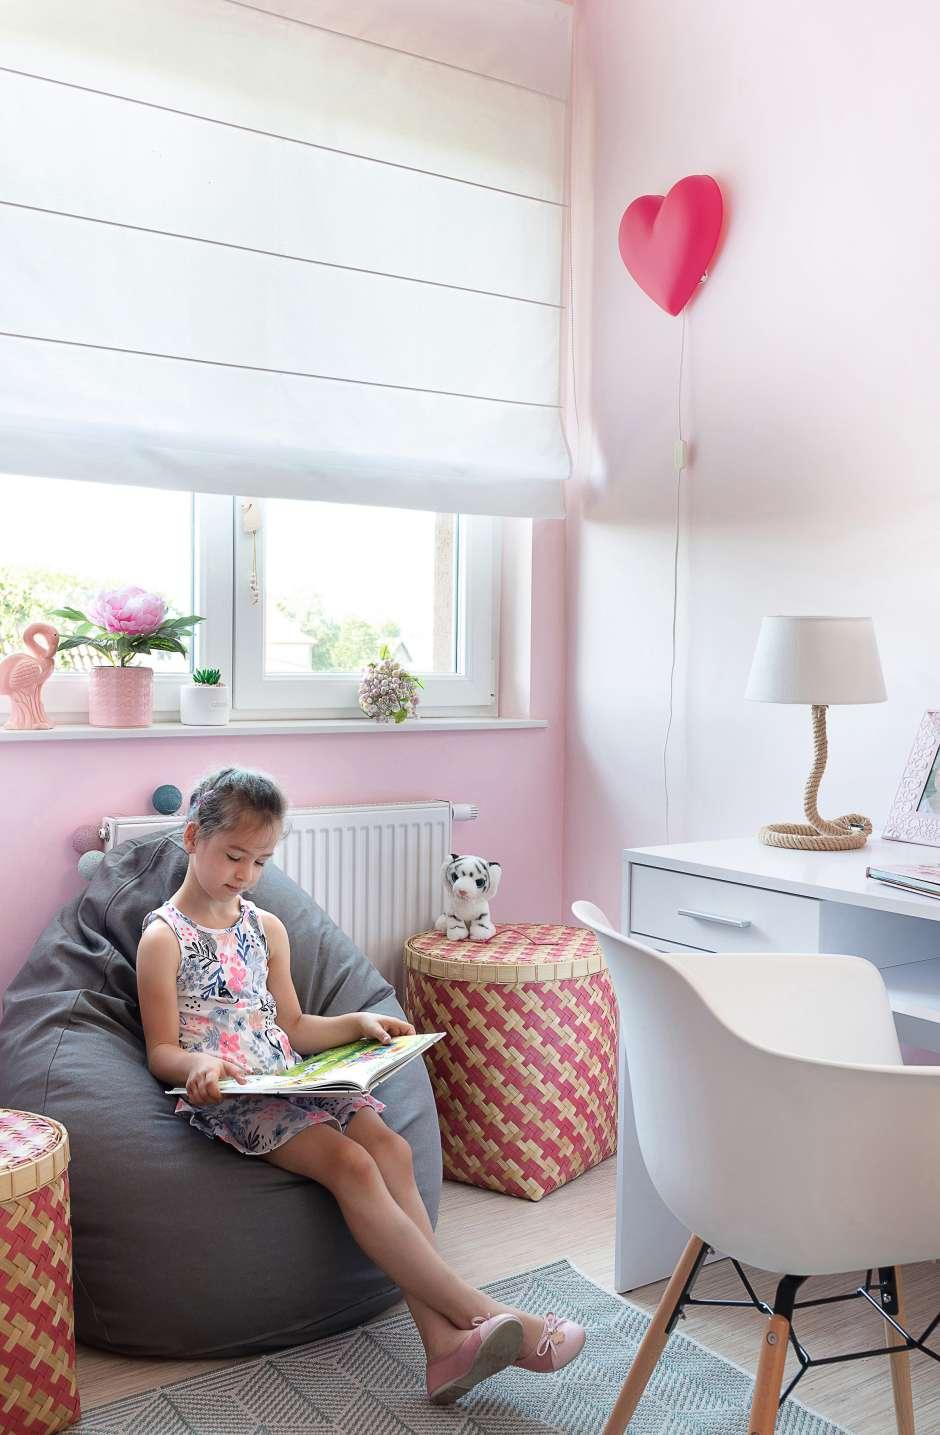 Девочка читает книгу в своей маленькой комнате